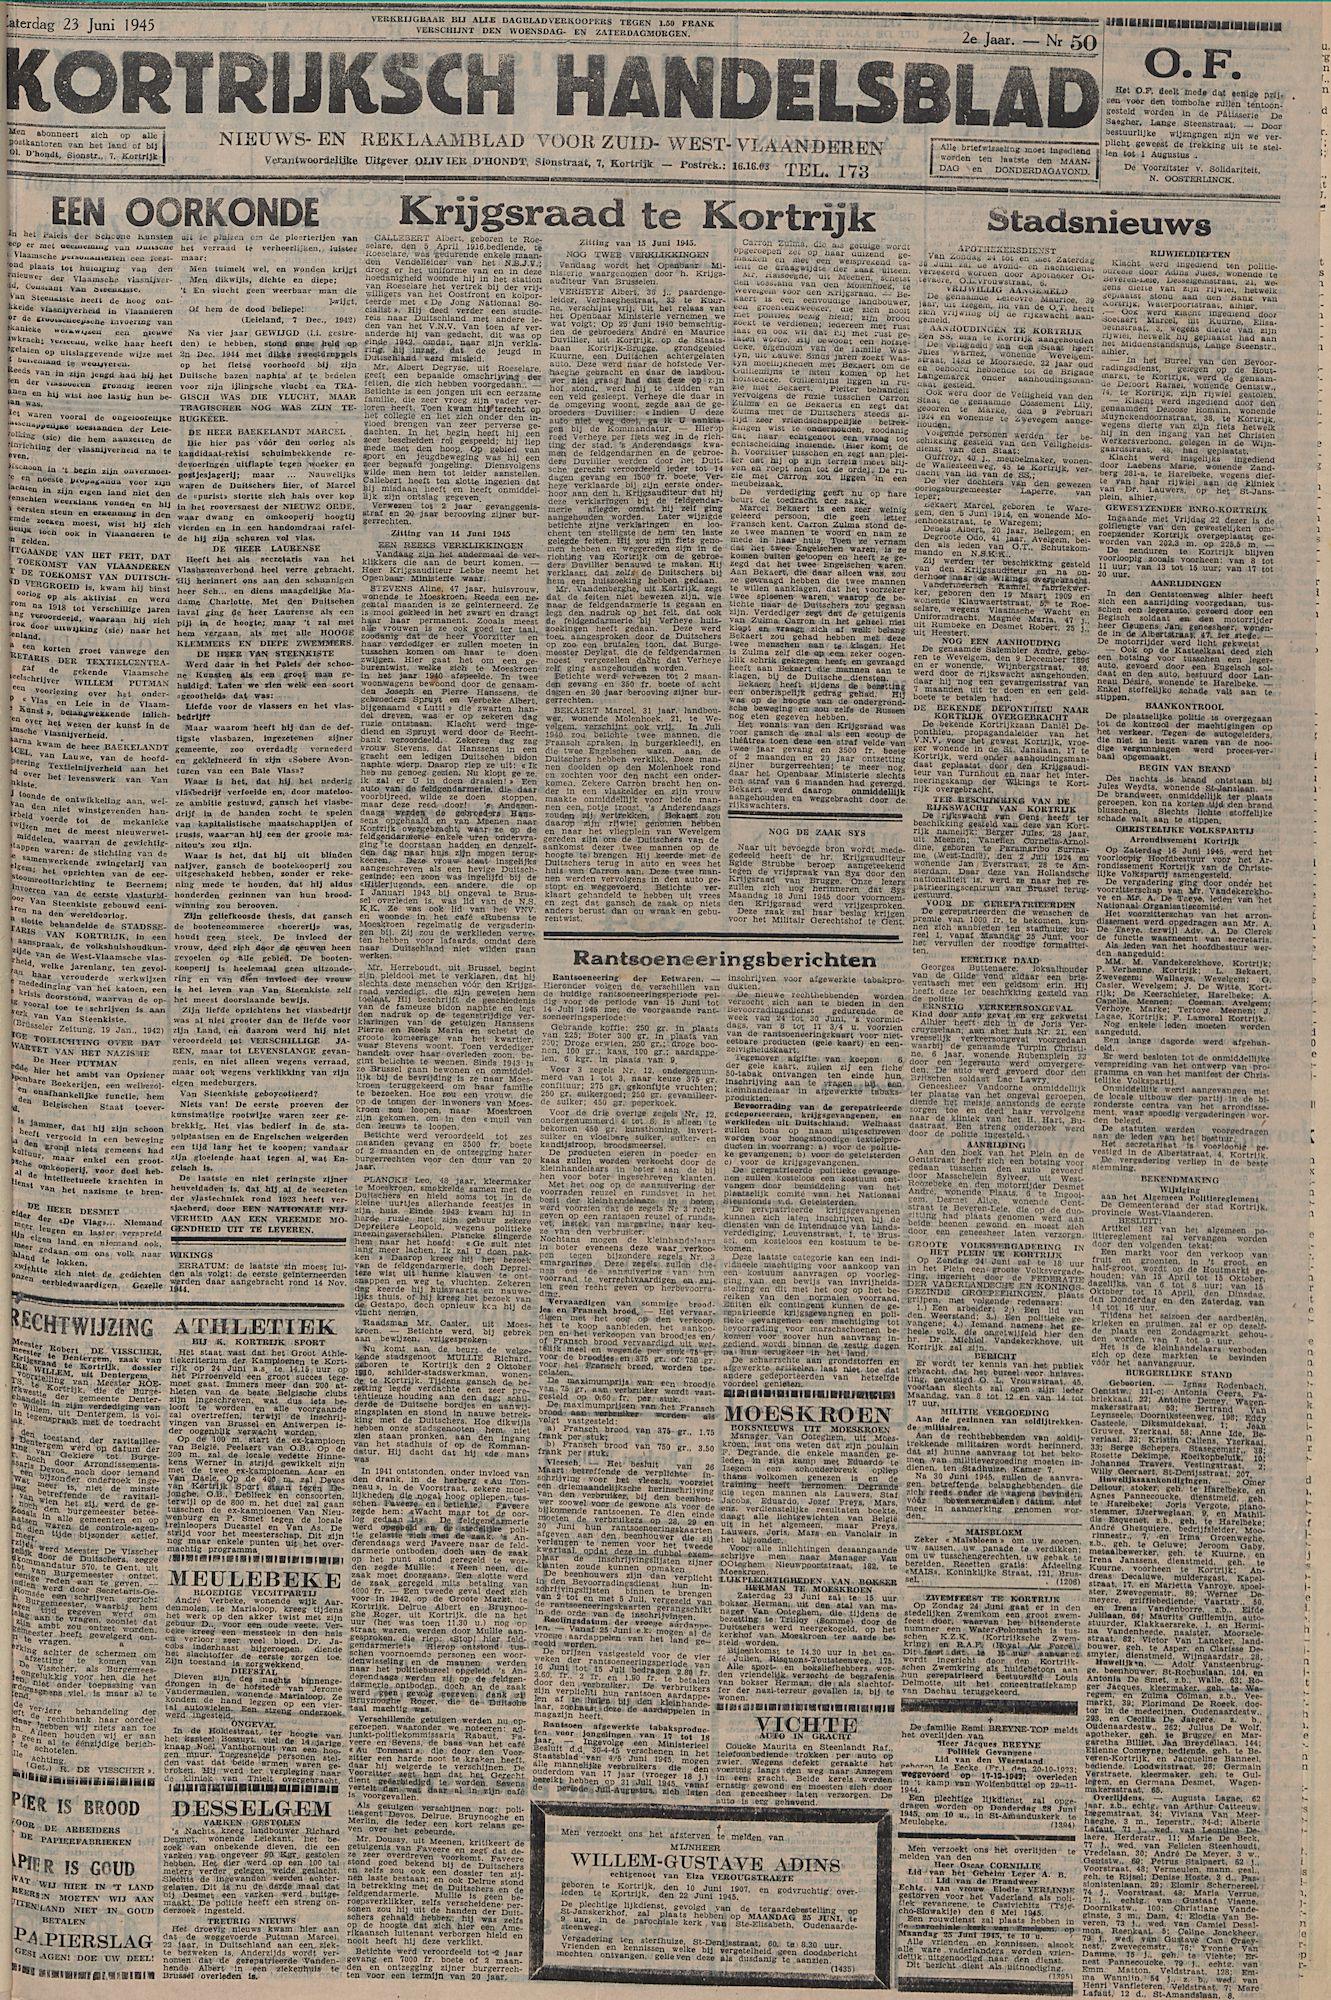 Kortrijksch Handelsblad 23 juni 1945 Nr50 p1